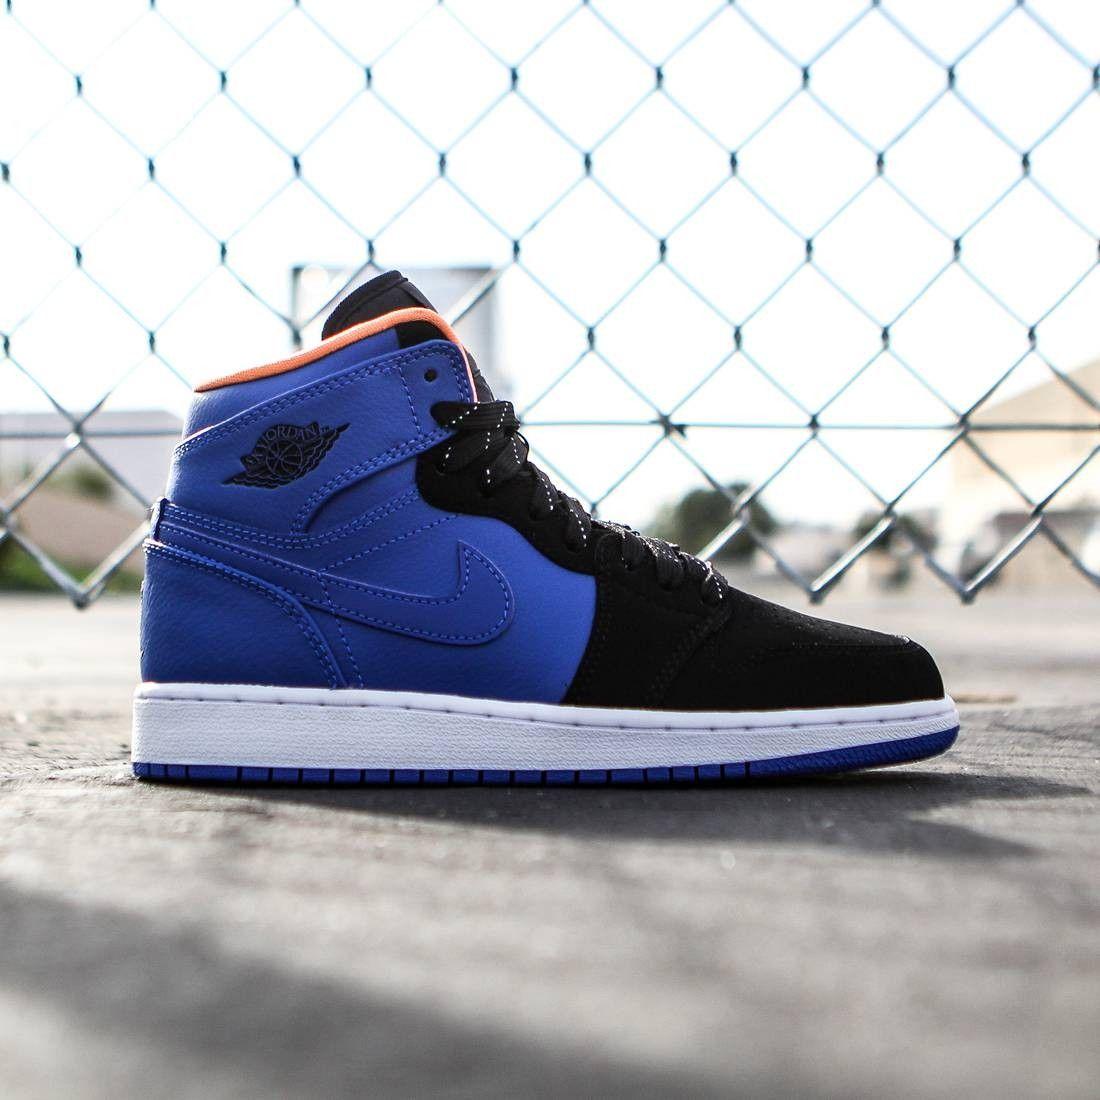 blue and black retro 1